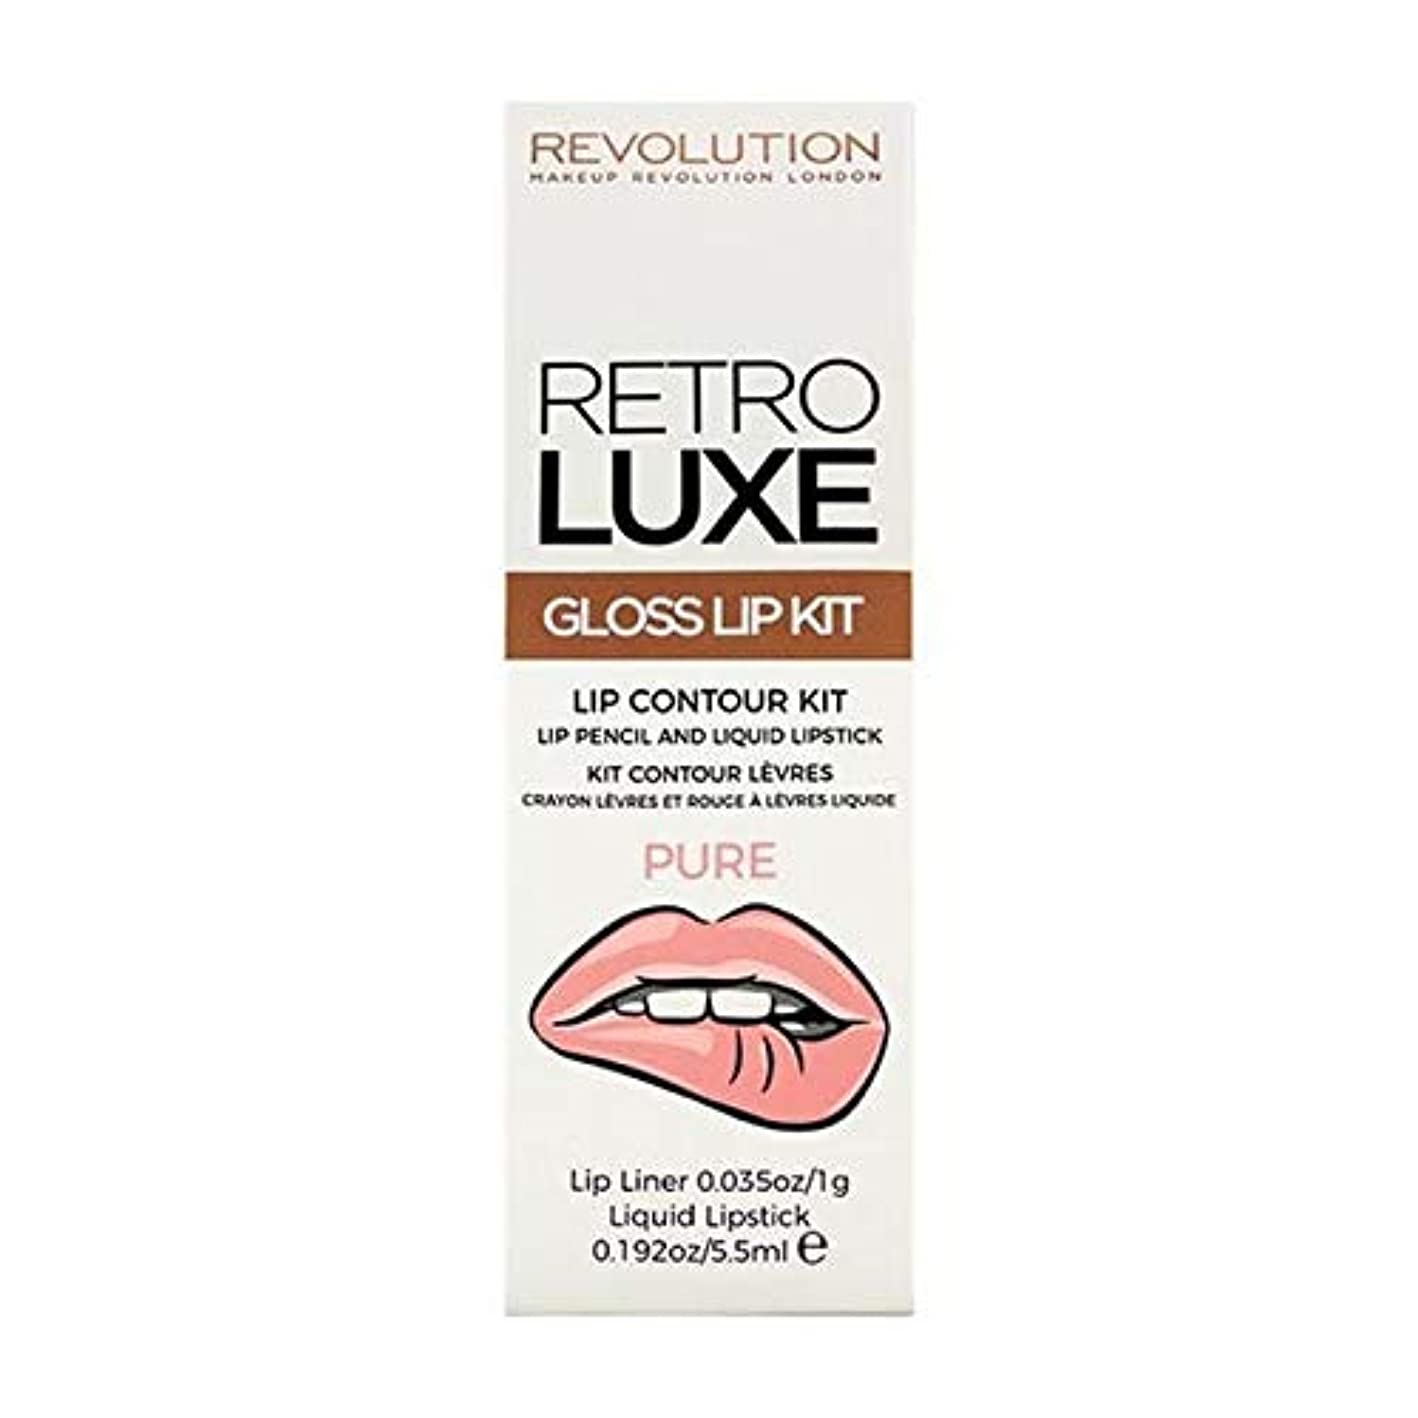 ぺディカブ衣類屈辱する[Revolution ] 革命のレトロラックスキットは、純粋な光沢 - Revolution Retro Luxe Kits Gloss Pure [並行輸入品]